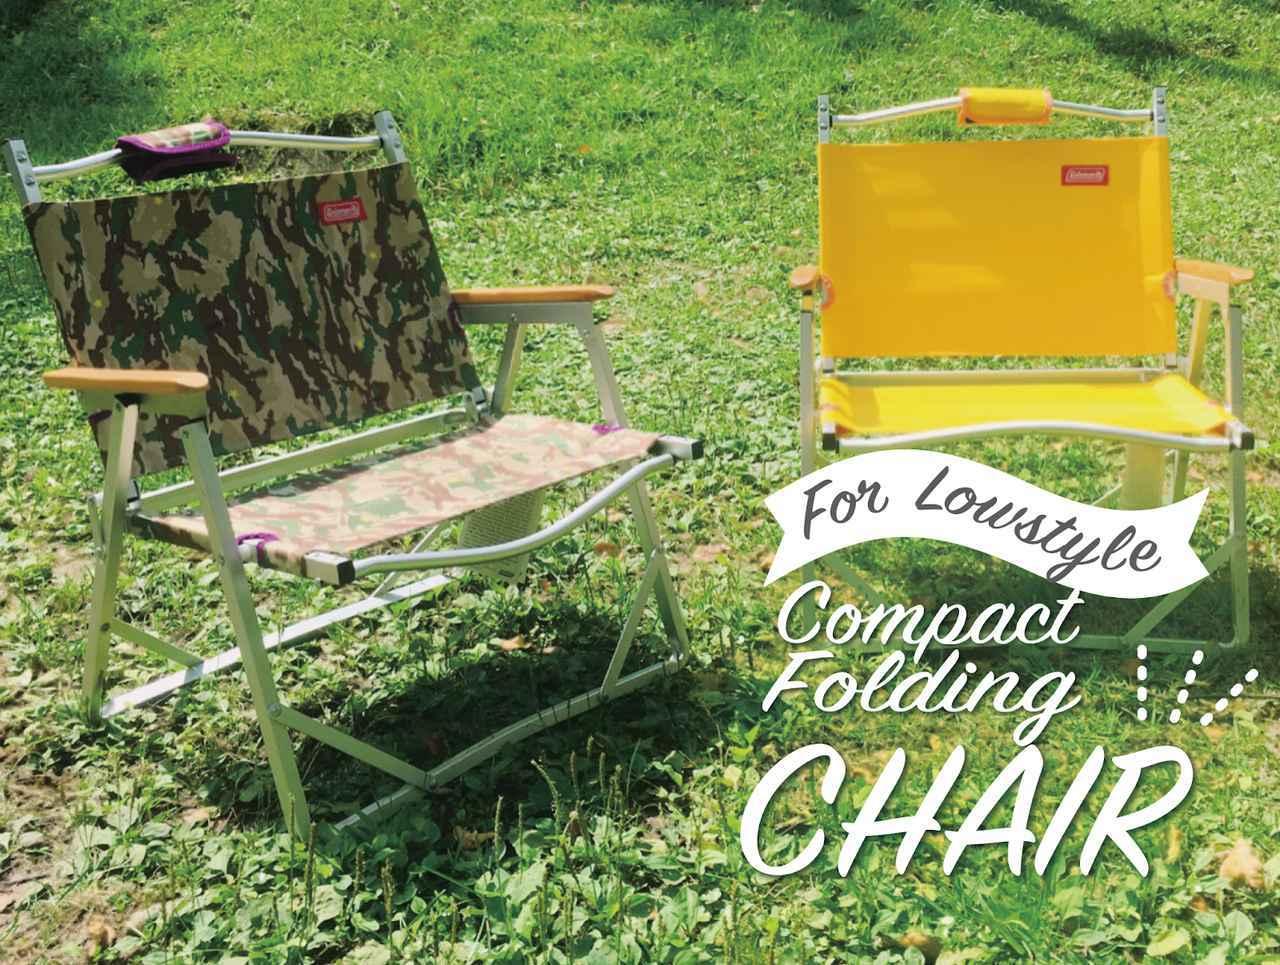 画像: コールマンの『コンパクトフォールディングチェア』をレビュー! メリット・デメリットを紹介 - ハピキャン|キャンプ・アウトドア情報メディア